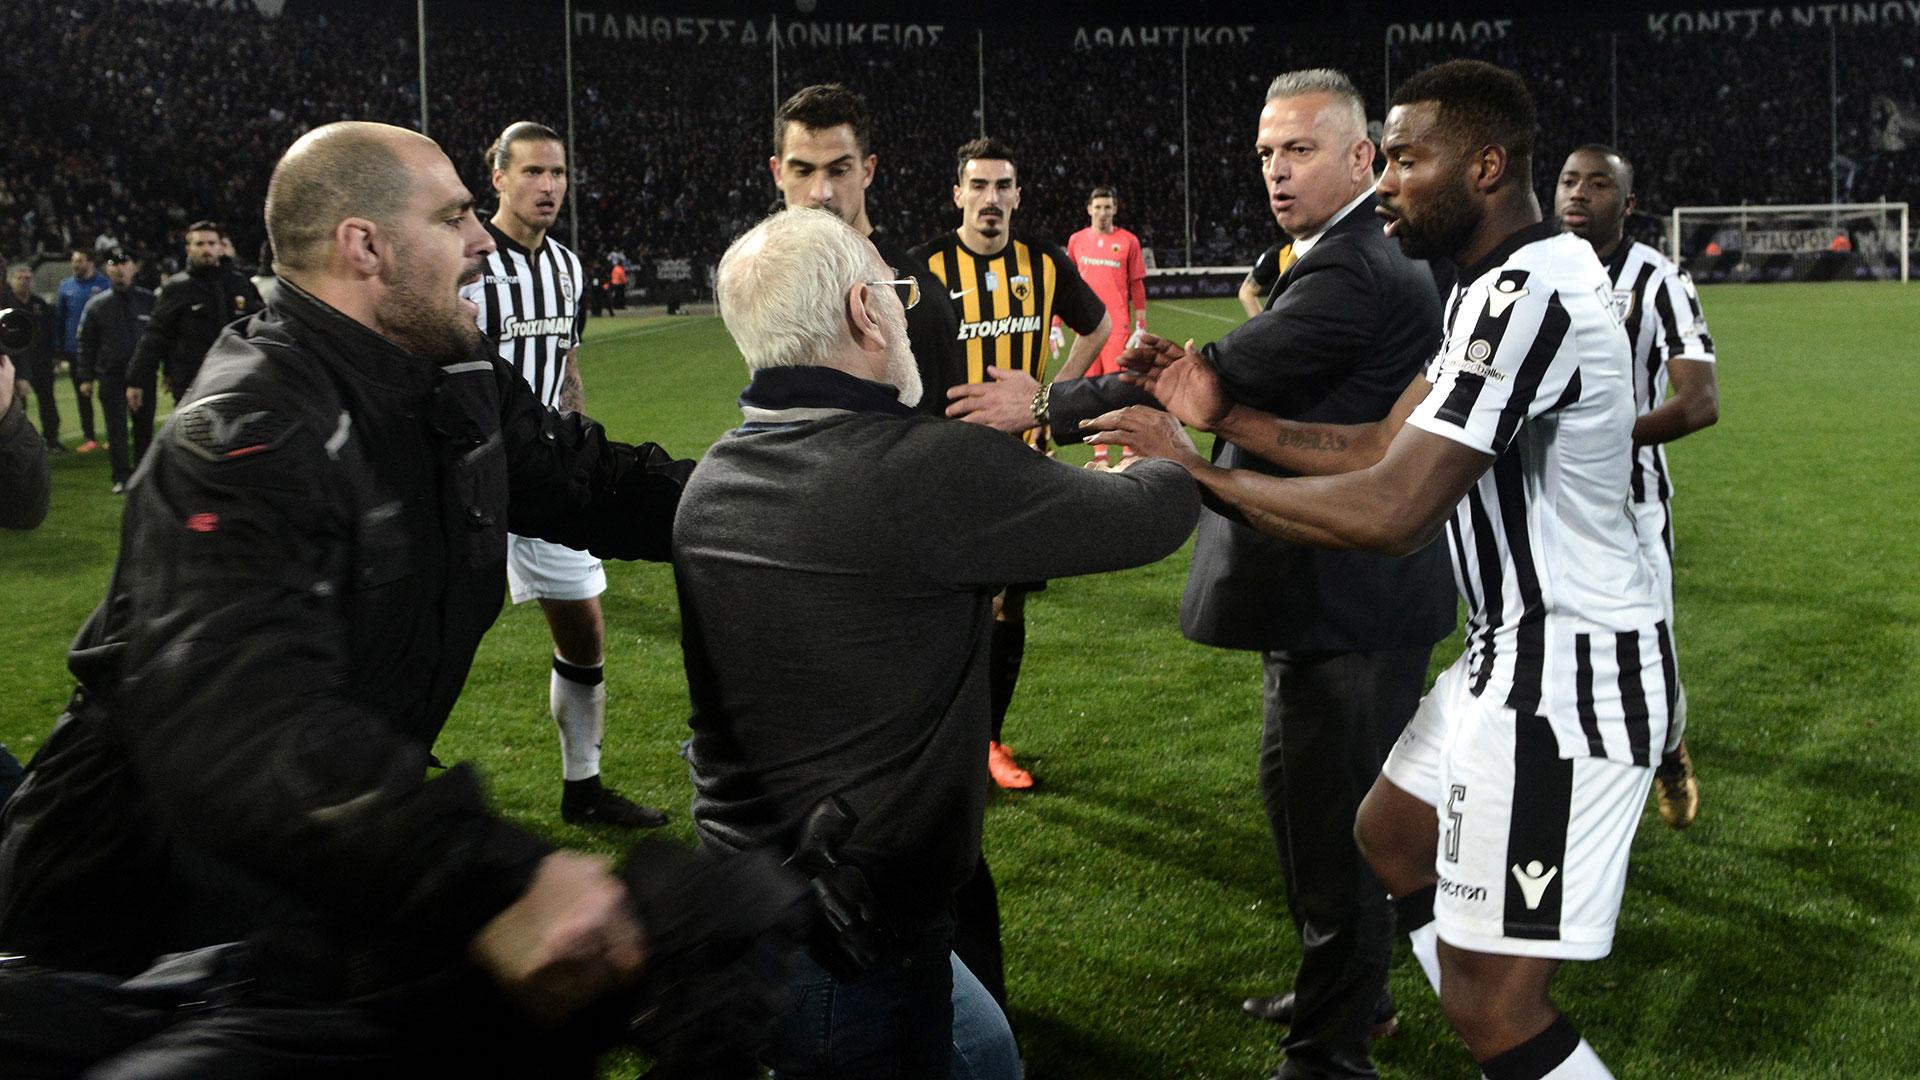 El PAOK Salónica podría ser castigado con el descenso por la reacción violenta de su presidente (AFP)